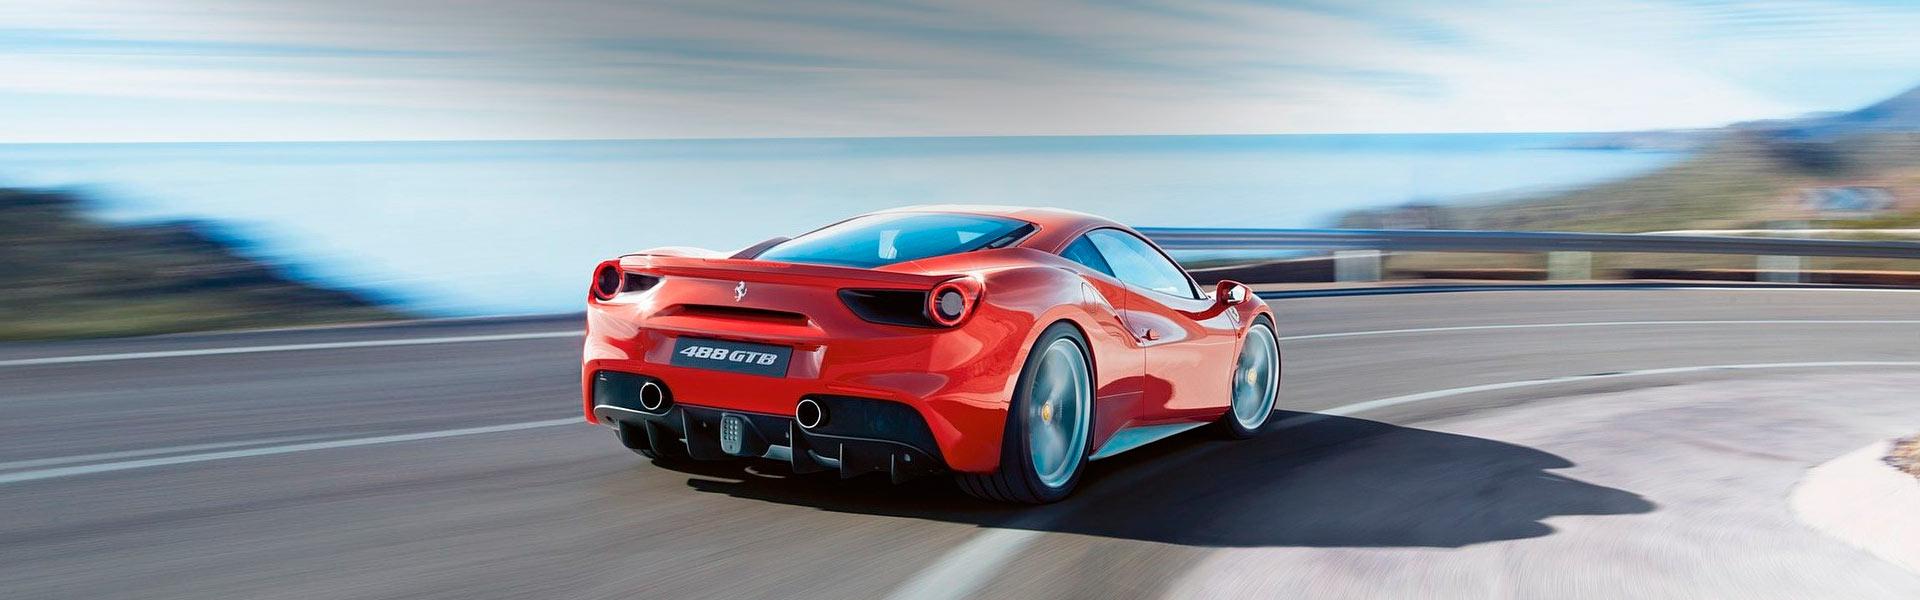 Замена реле Ferrari